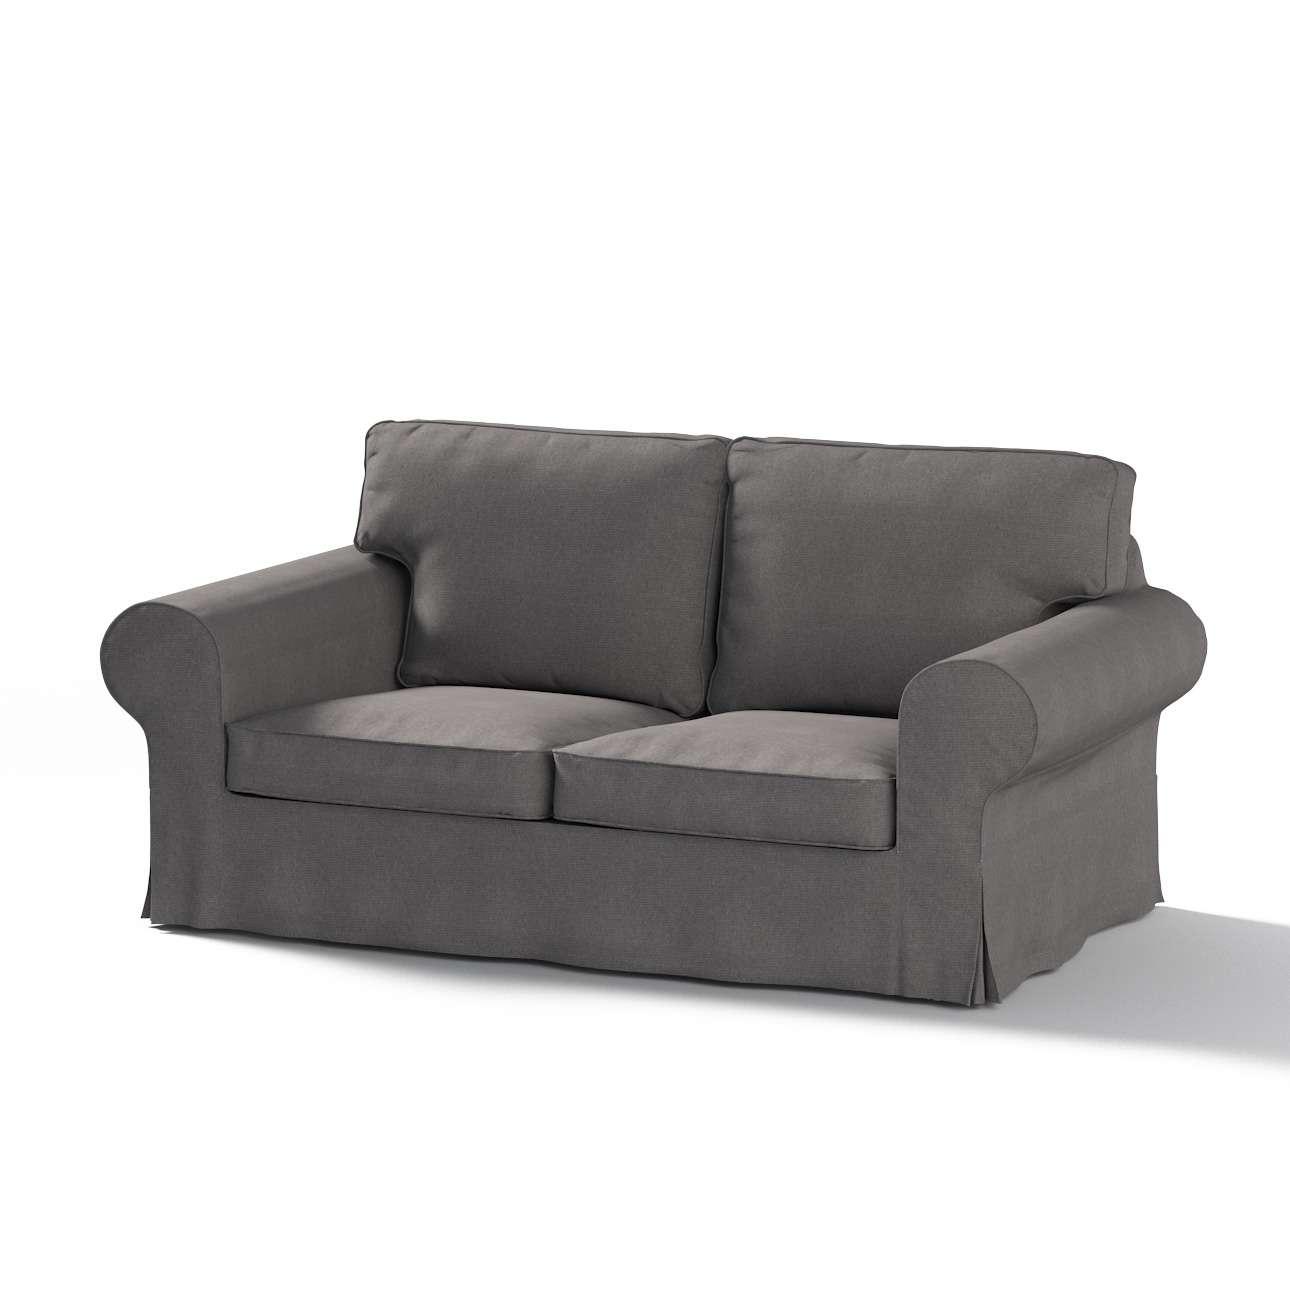 Poťah na sedačku Ektorp (rozkladacia, pre 2 osoby) STARÝ MODEL V kolekcii Etna, tkanina: 705-35